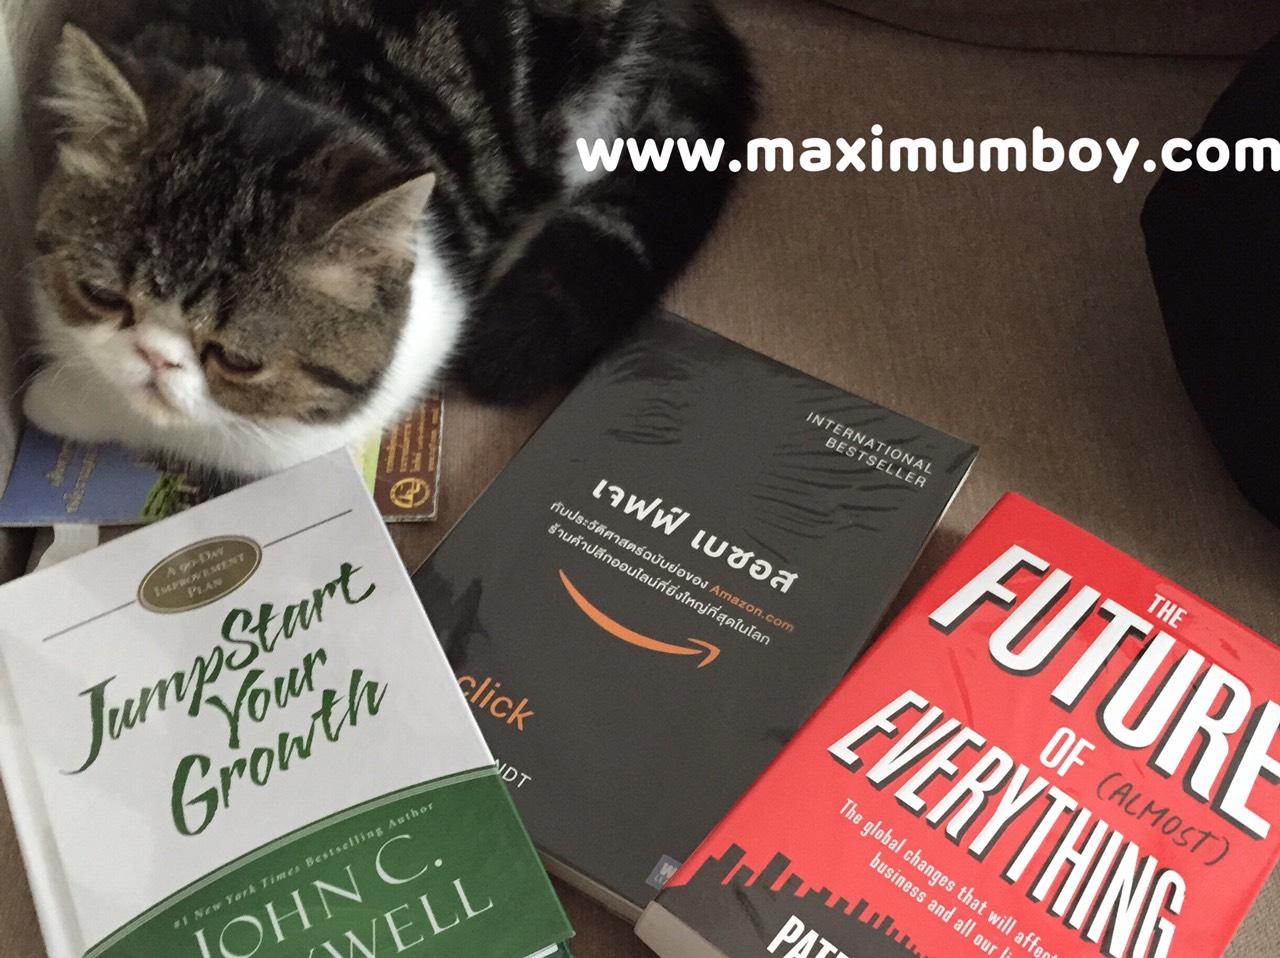 หนังสือ 3 เล่ม น่าสนใจมากๆๆ